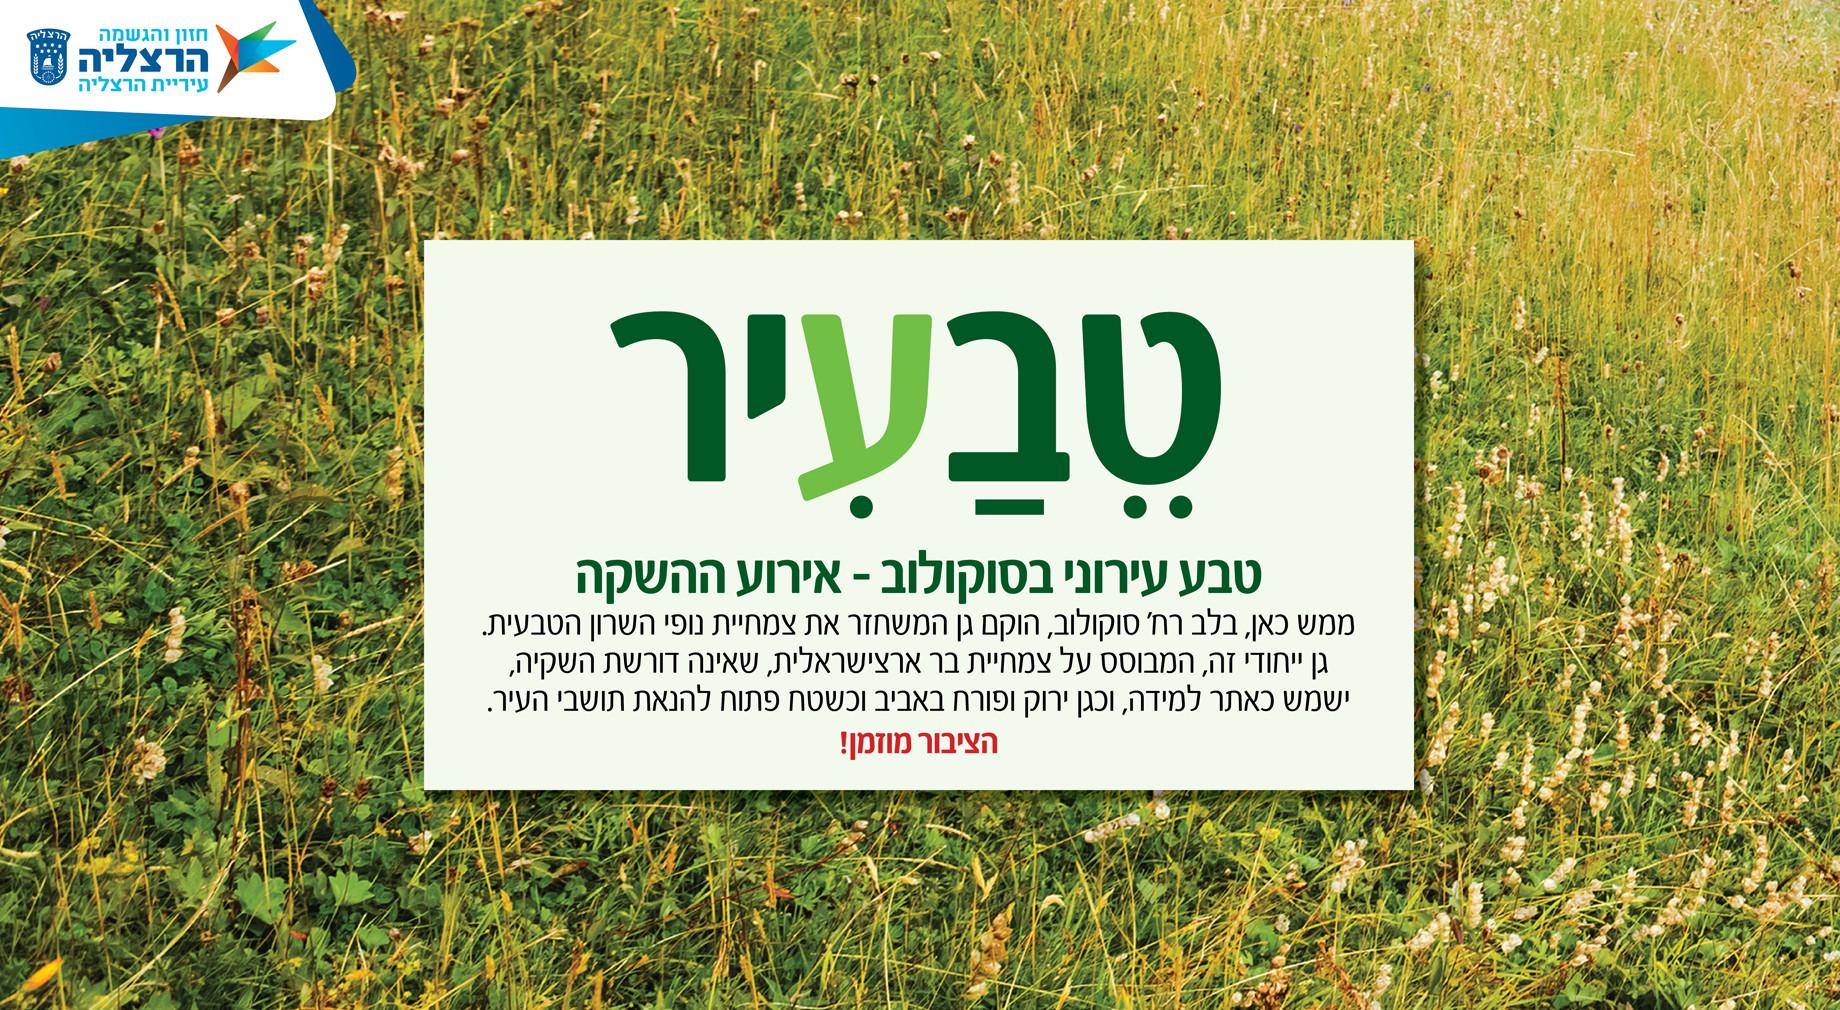 כותרת לגינה ארץ ישראלית בלב מרכז אורבני בהרצליה